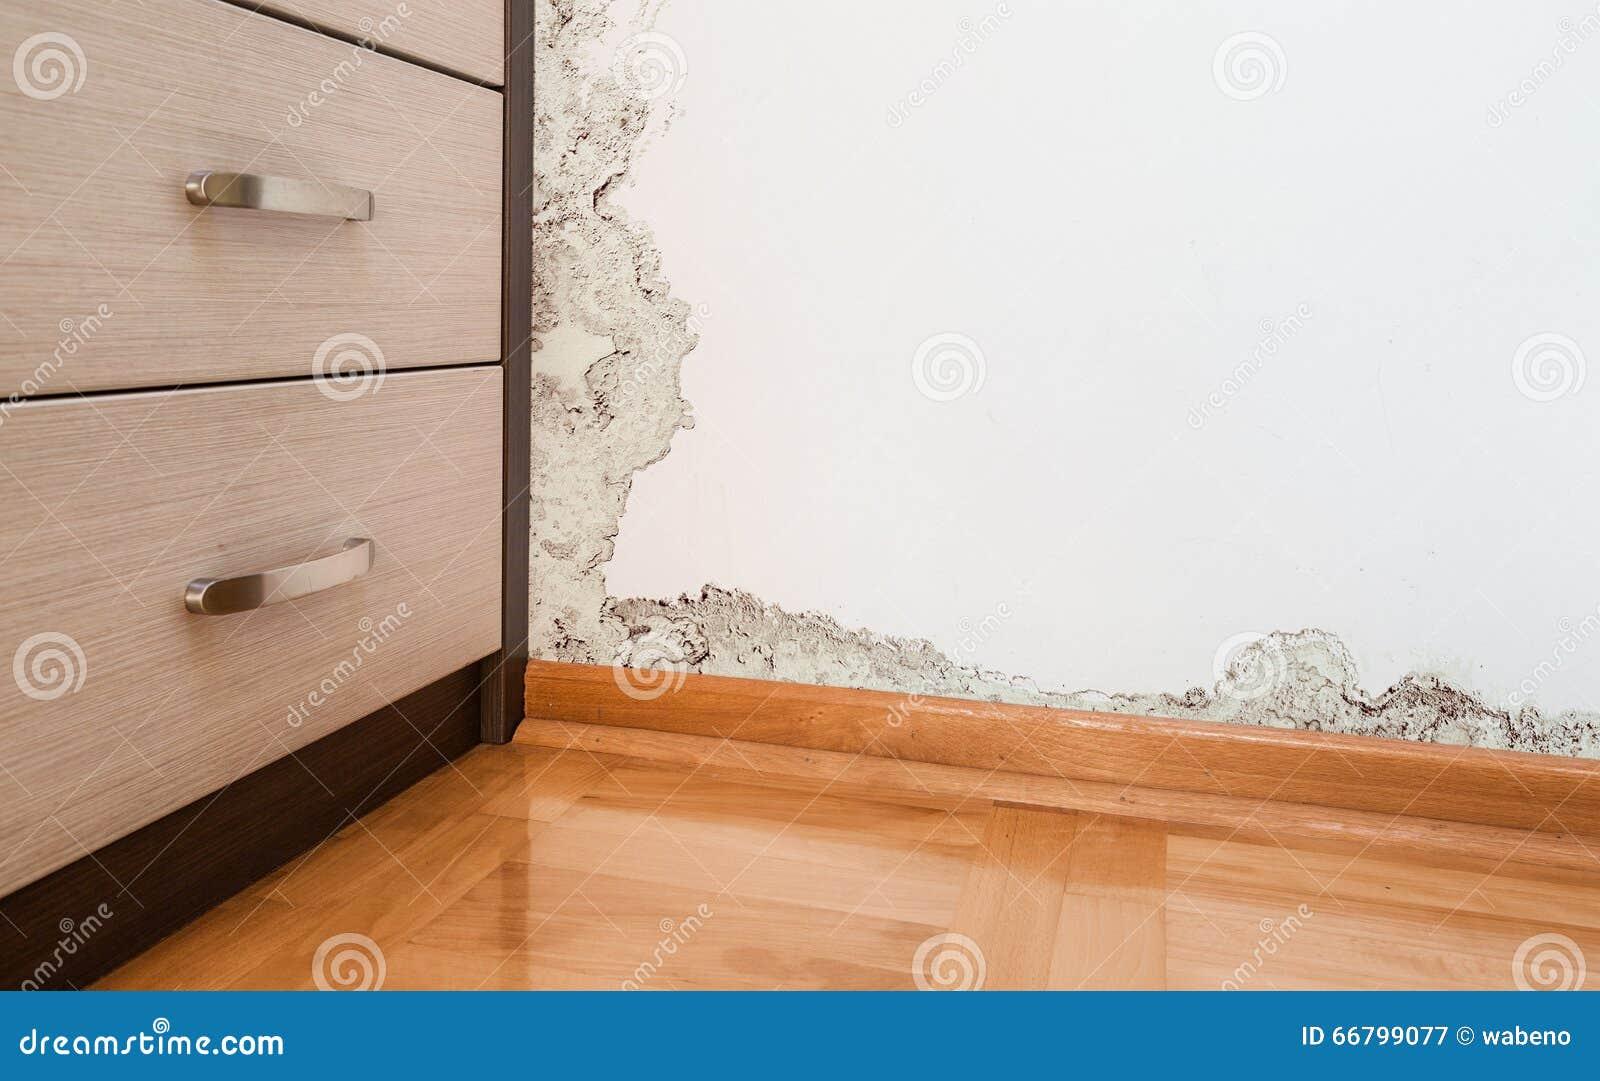 Dano causado pela umidade em uma parede na casa moderna